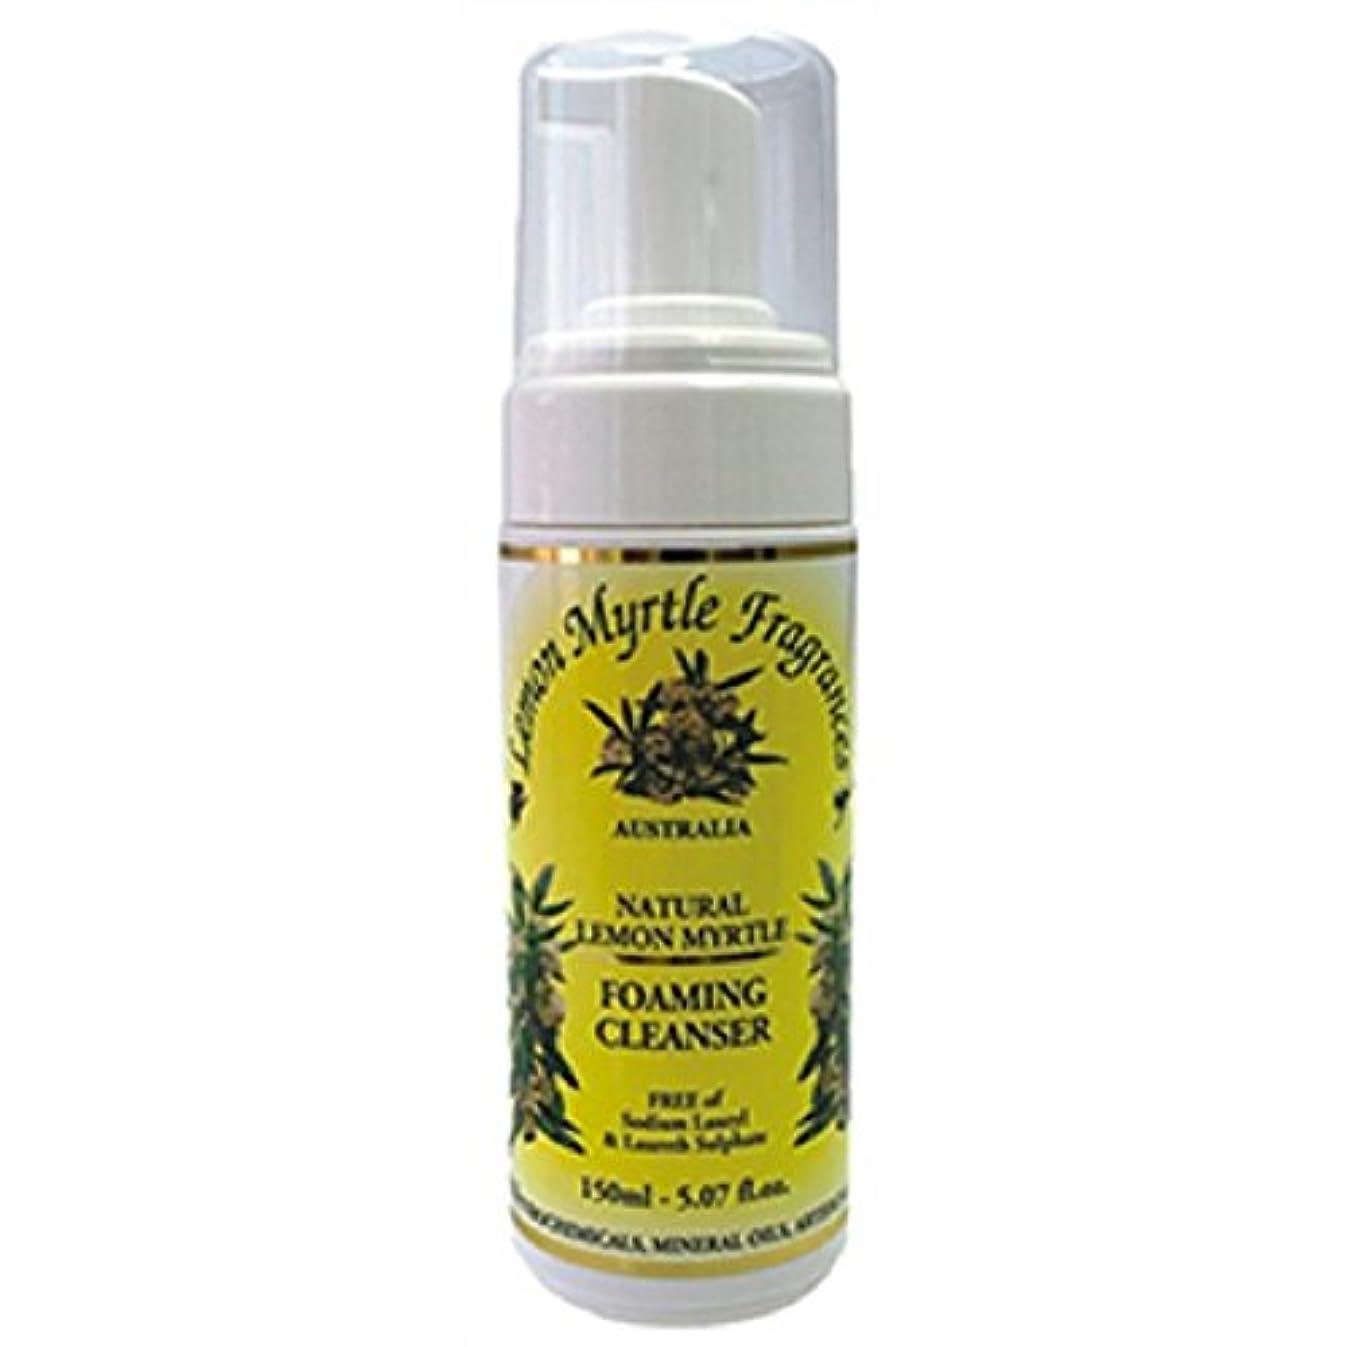 お手入れ小切手出費【LEMON MYRTLE FRAGRANCES】Hand Cleanser レモンマートルフレグランス ハンドソープ 150g 6個セット